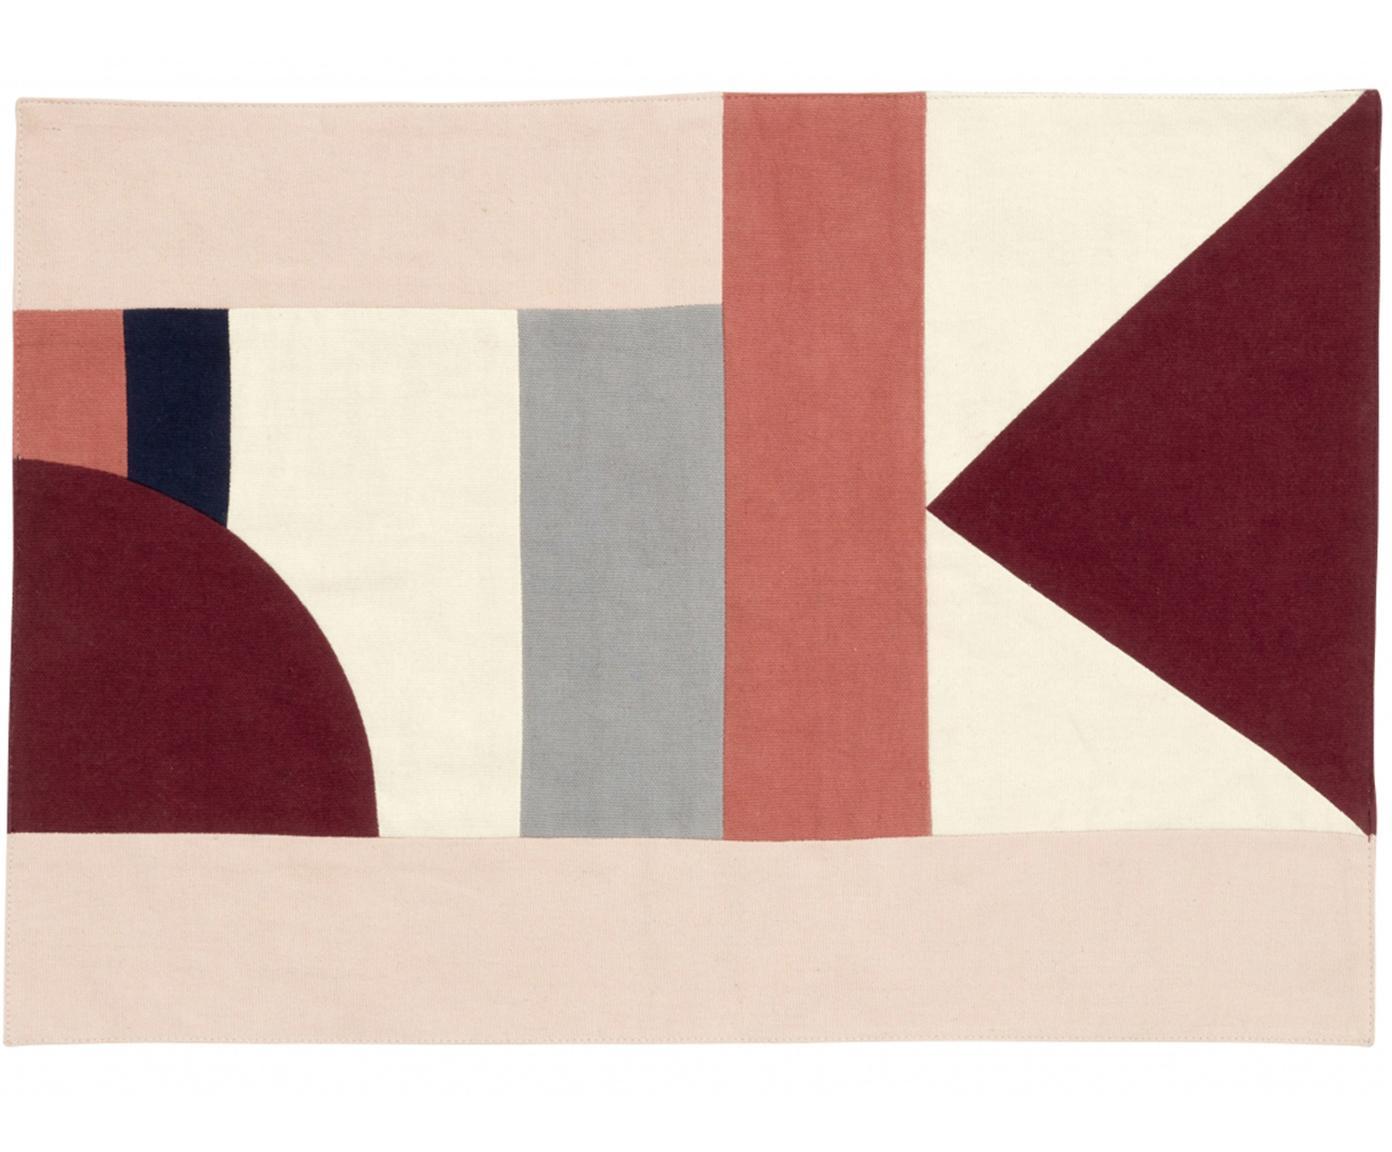 Podkładka Patchwork, 2 szt., Bawełna, Odcienie czerwonego, odcienie beżowego, czarny, S 48 x D 0 cm